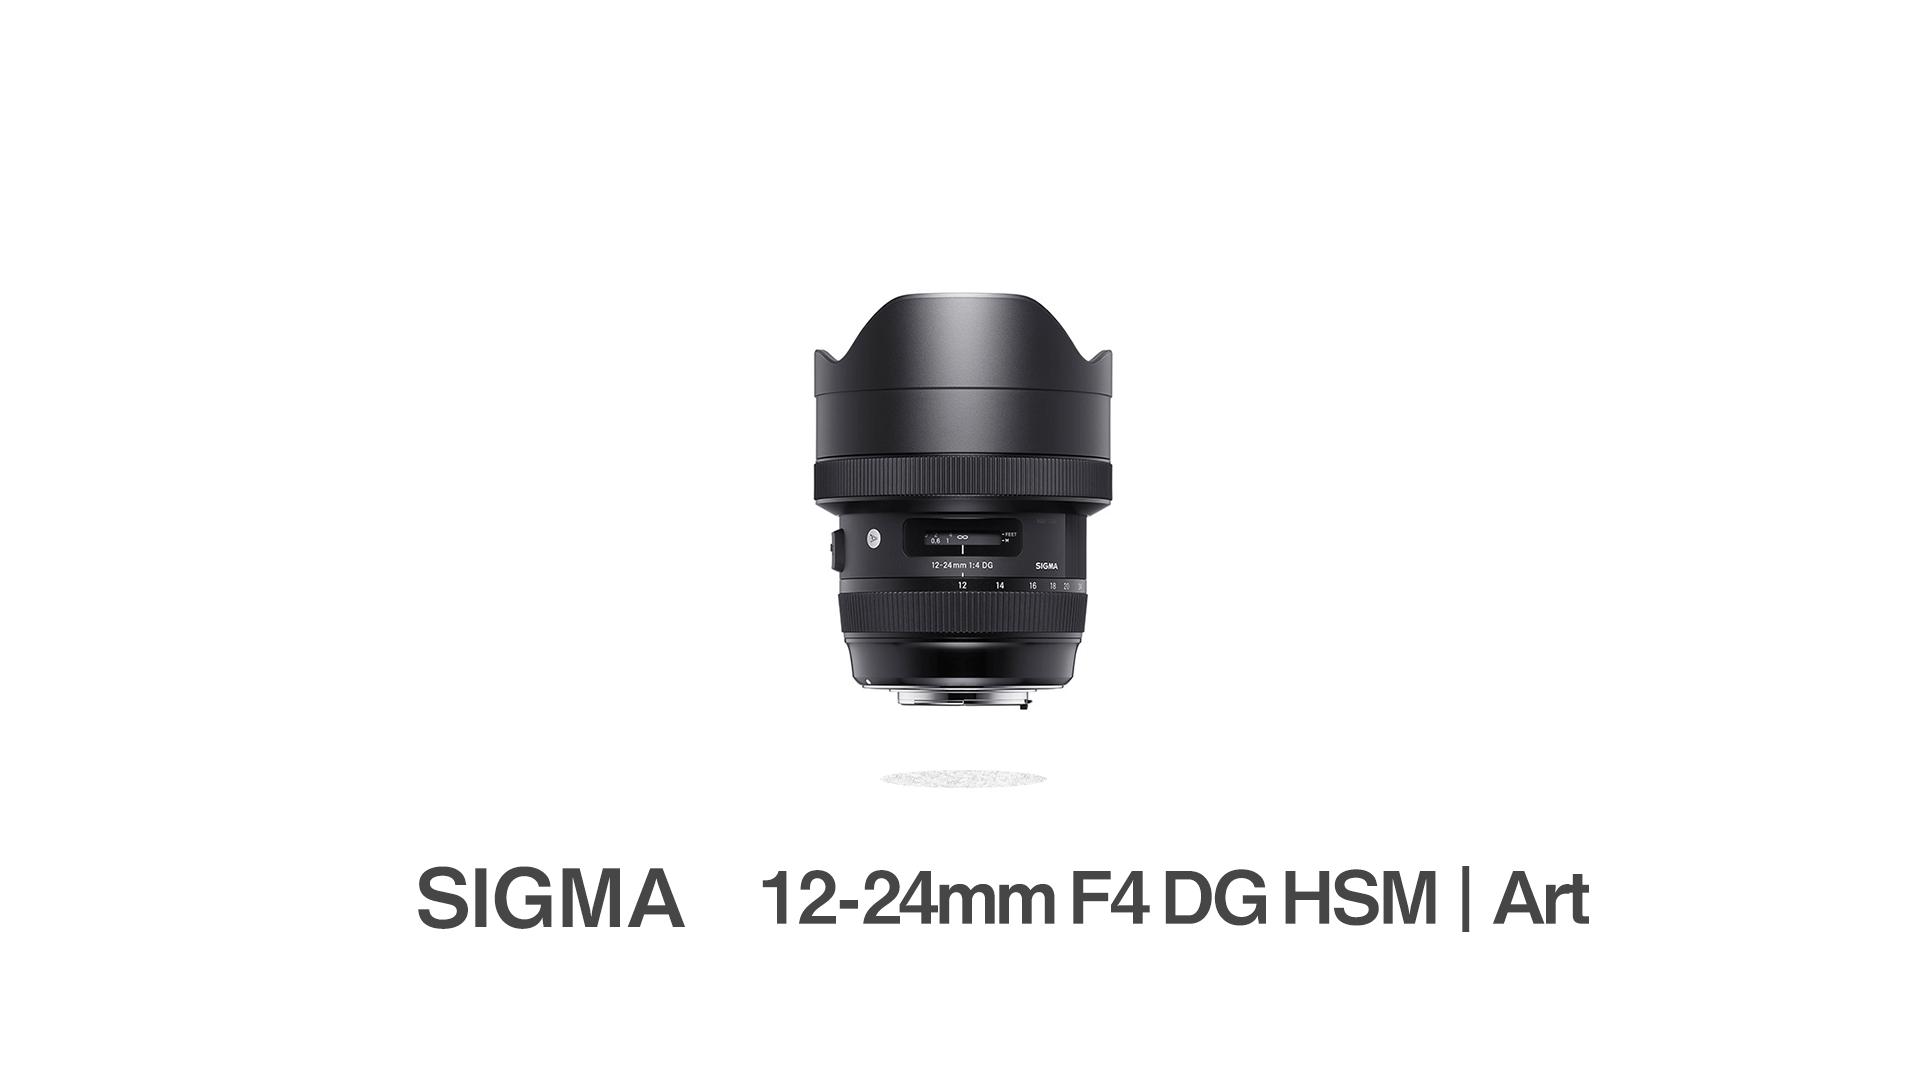 Sigma 12 24mm F4 Dg Hsm 広角ズームのパイオニア シグマの3代目の超広角ズームレンズ フォトオタク